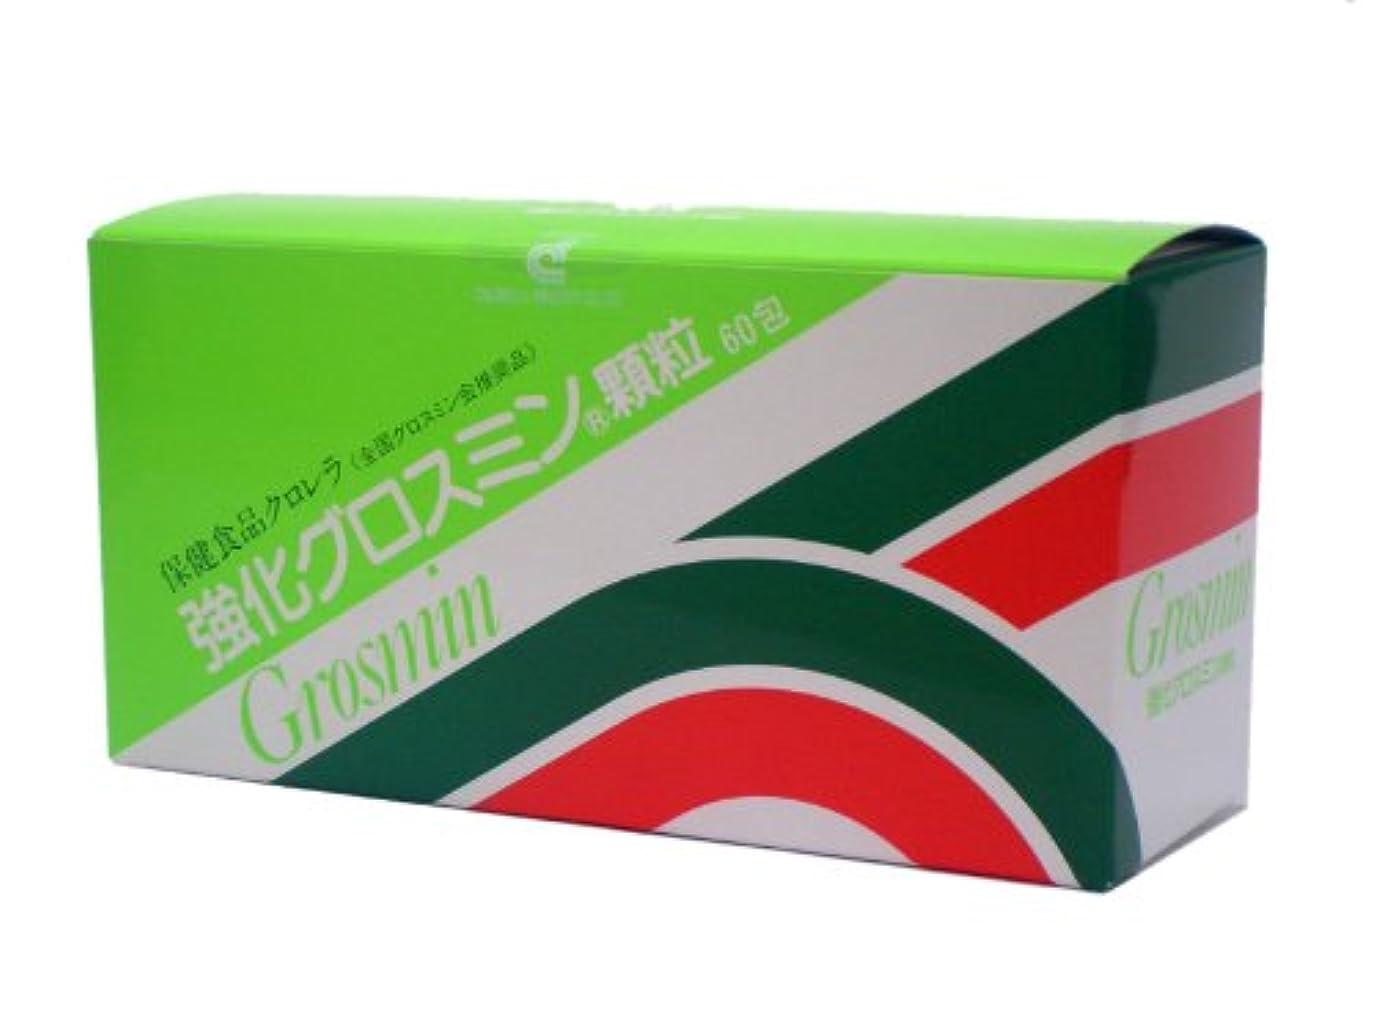 ロール完全に乾く製油所〔グロスミン〕強化グロスミン顆粒 60包入り